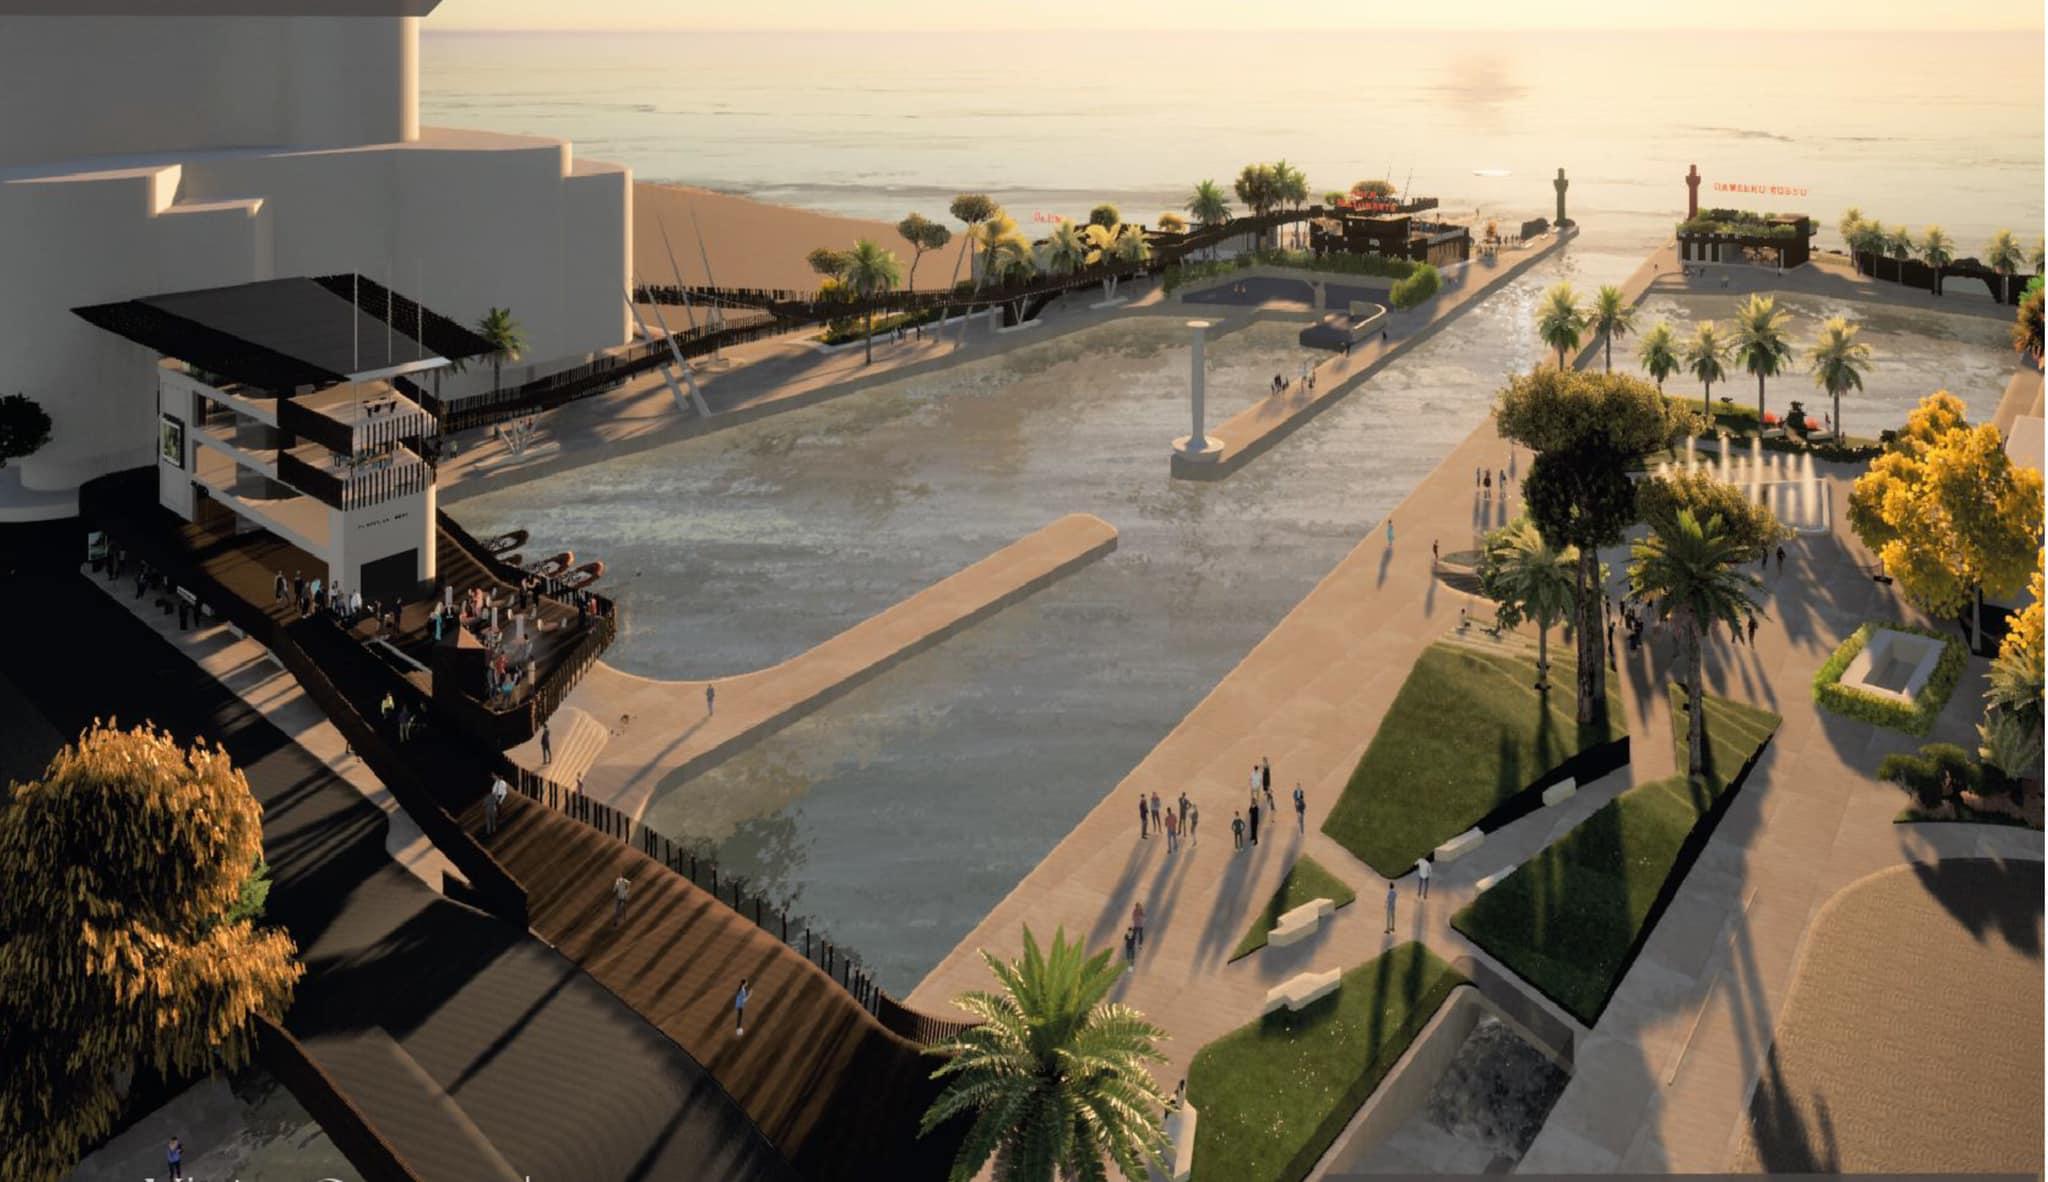 Piano Riqualifica Porto Riccione E' pronto il progetto per dare un nuovo volto alla città